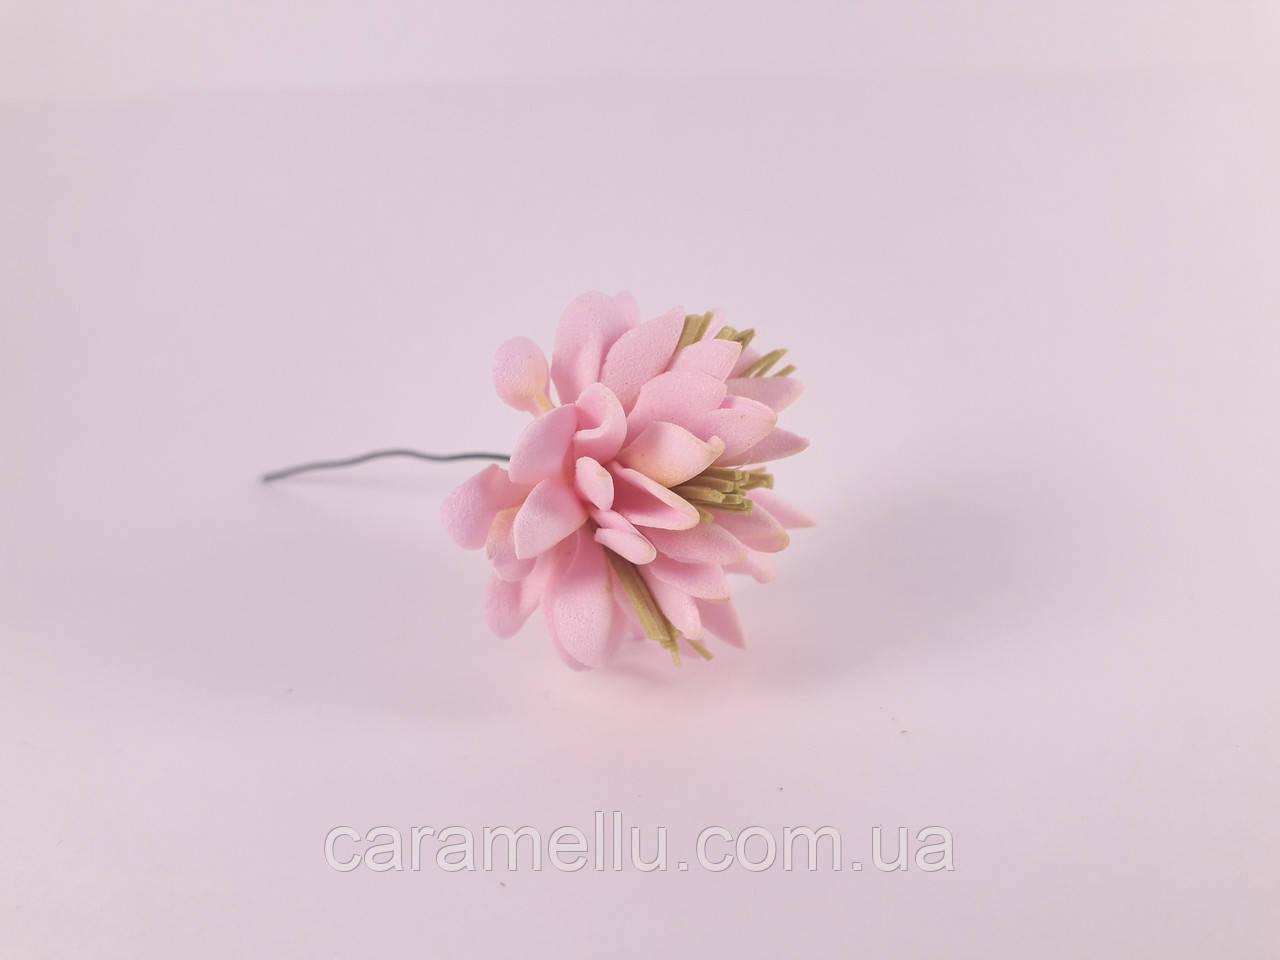 Клевер 3,5см 1шт.  Розовый с оливковым